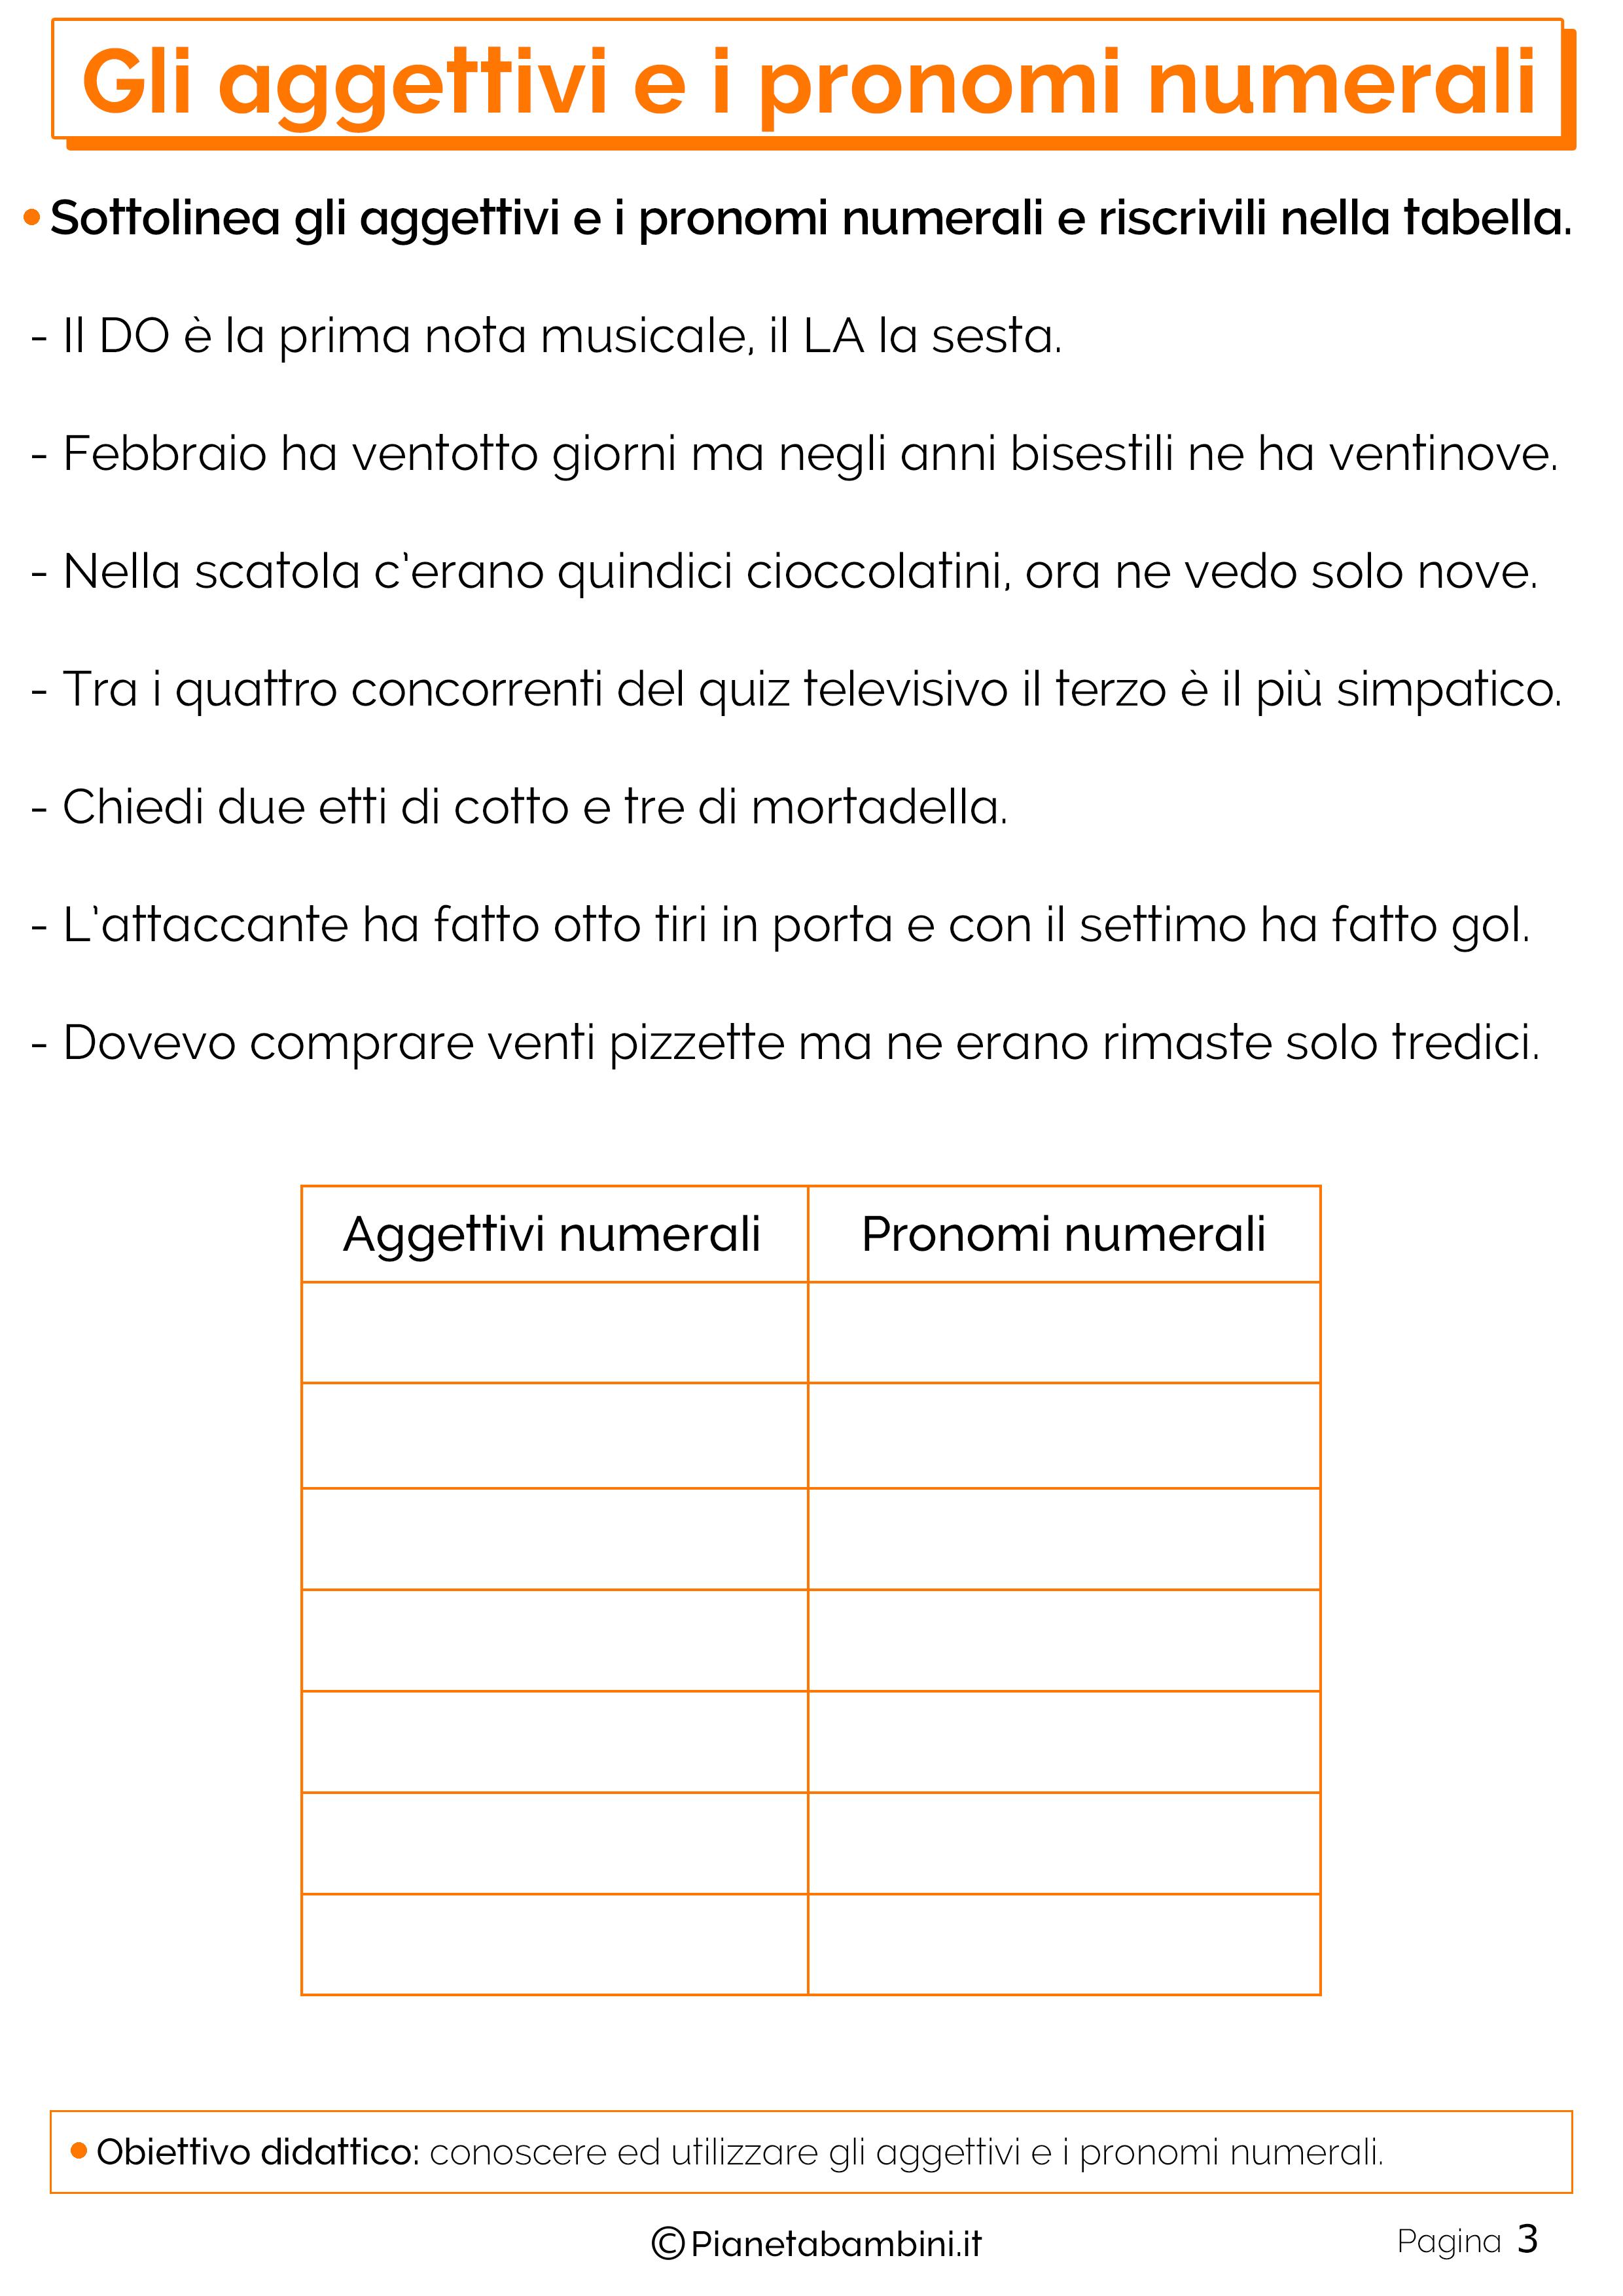 Esercizi sugli aggettivi e pronomi numerali 3